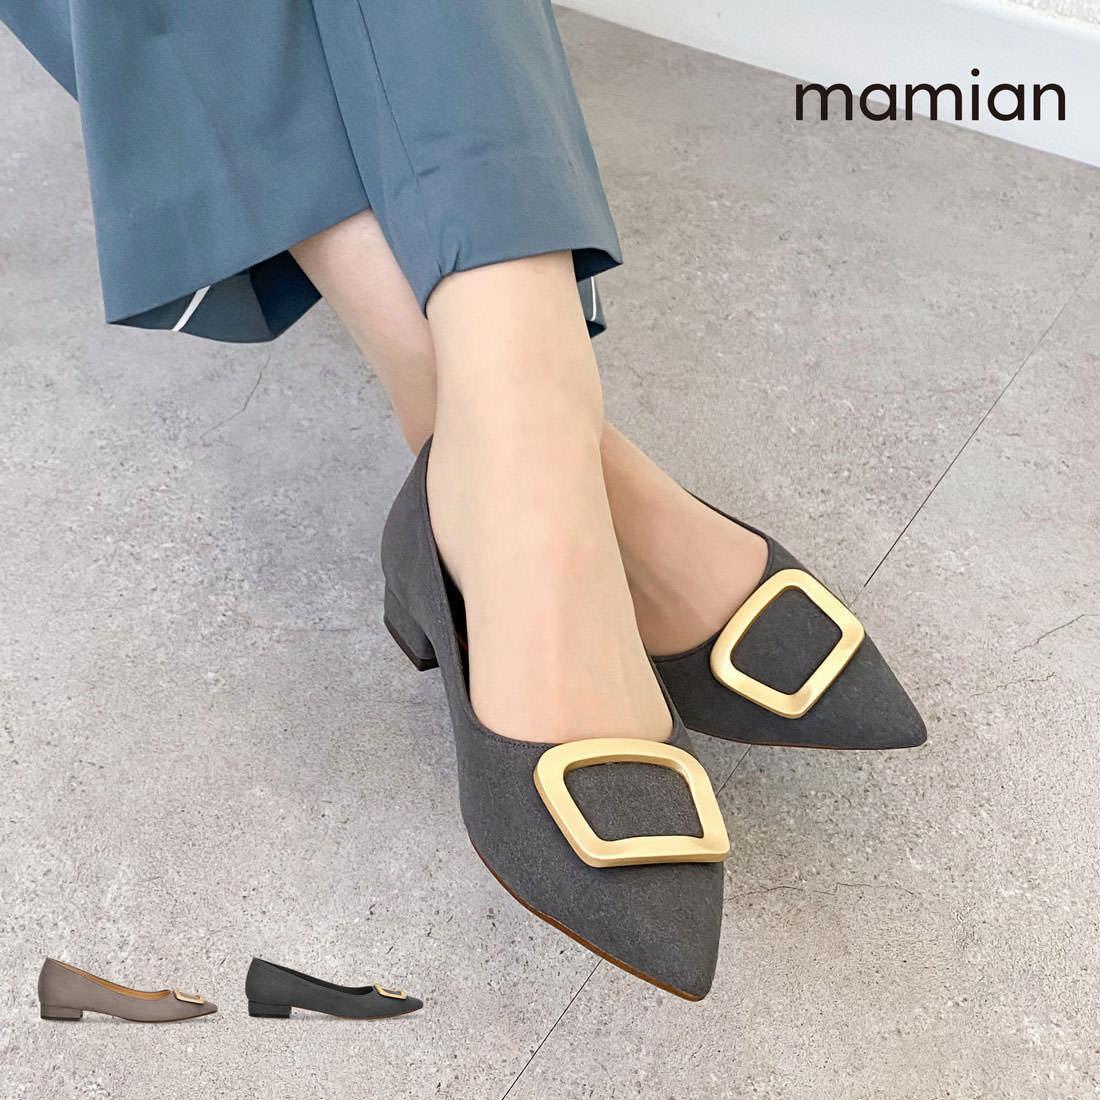 ポインテッドトゥバックル付きフラットシューズ 4785 新品未使用 :履きやすさと美脚に魅せるマミアンのフラットシューズ:マットゴールドのバックルがフェミニンで柔らかい雰囲気のシューズ 美脚ポインテッドトゥフラットシューズ 足が痛くない なりにくい 2.0cmヒール お得クーポン発行中 ベージュCK 黒 black チャコールS ブラックS 22.5cm~25.0cm レディース 日本製